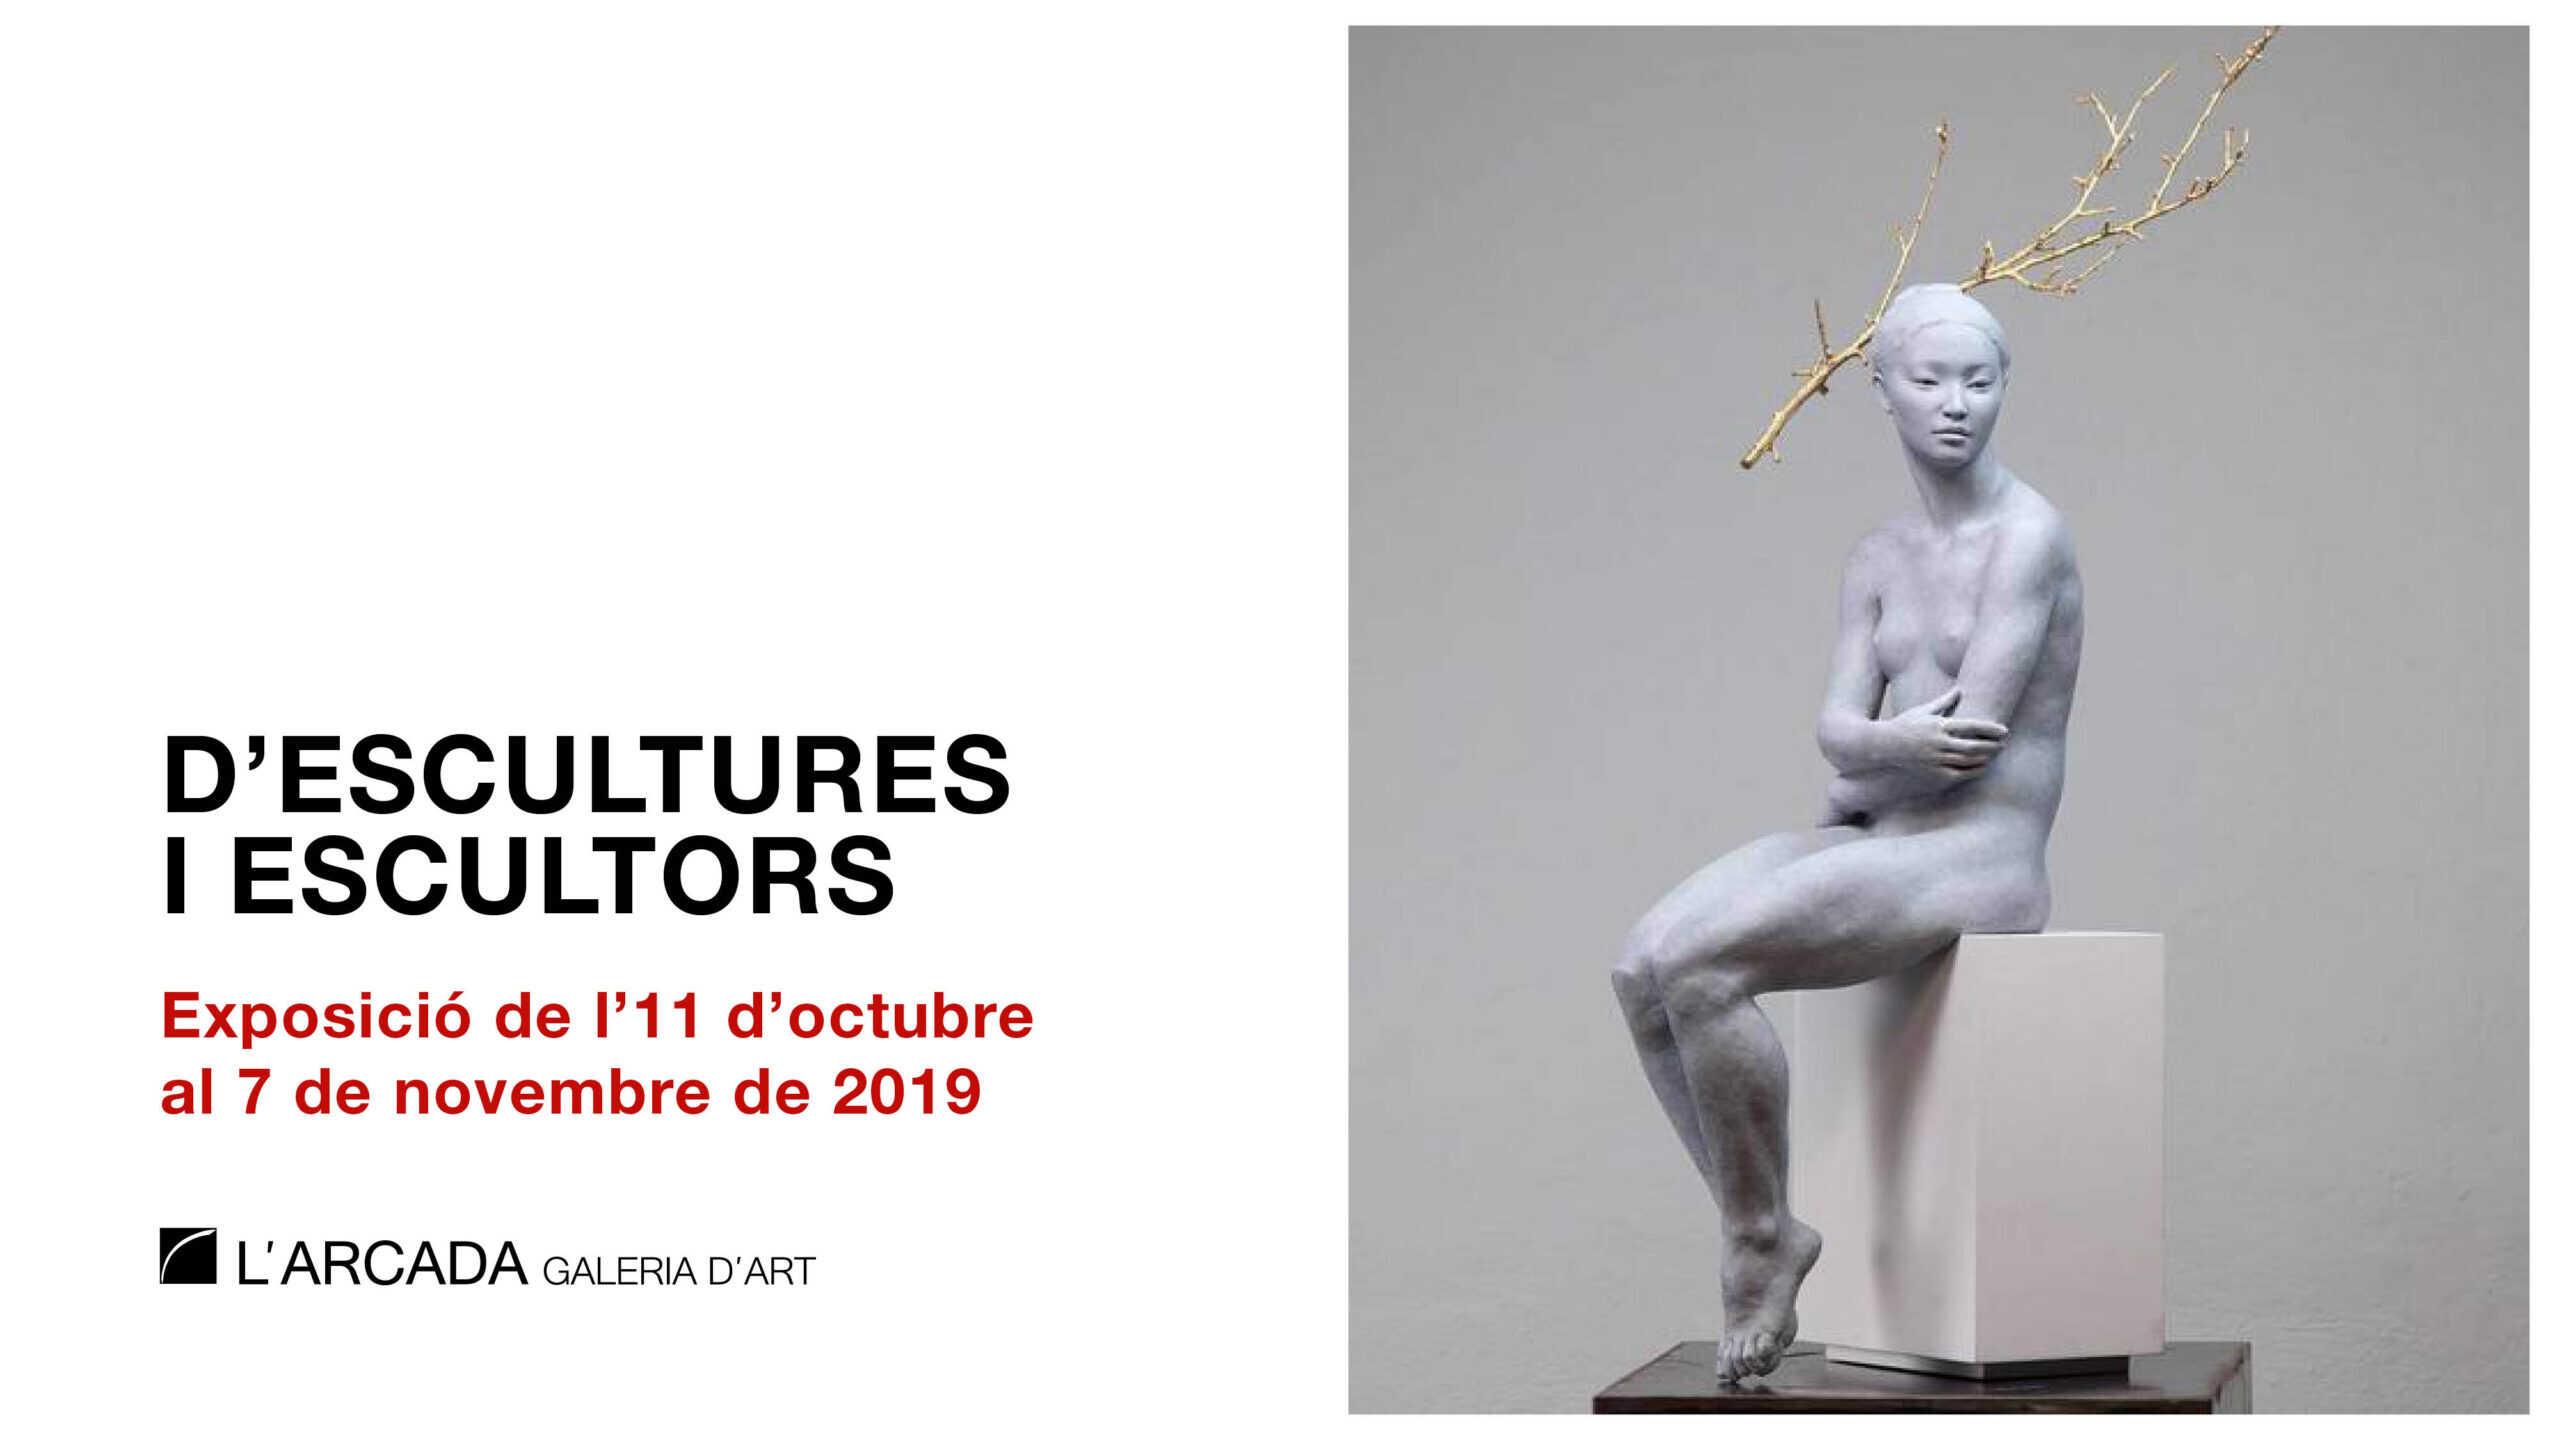 De esculturas y escultores. Exposición en Blanes.